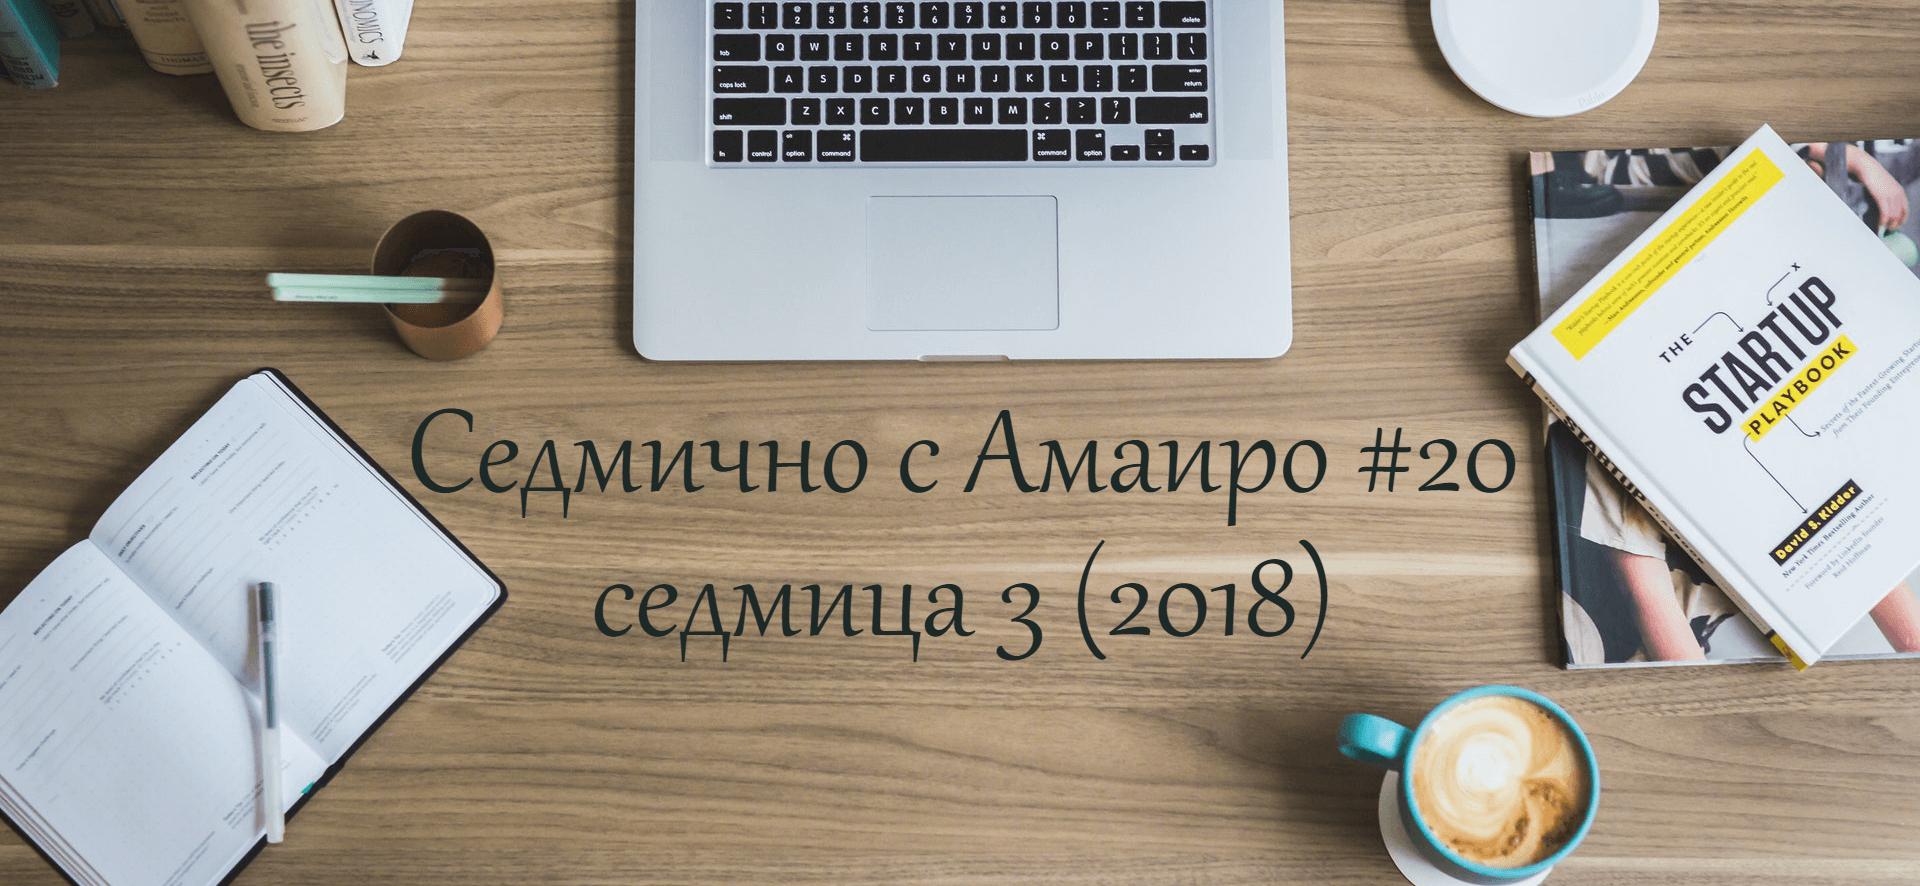 Седмично с Амаиро #19: седмица 2 (2018)